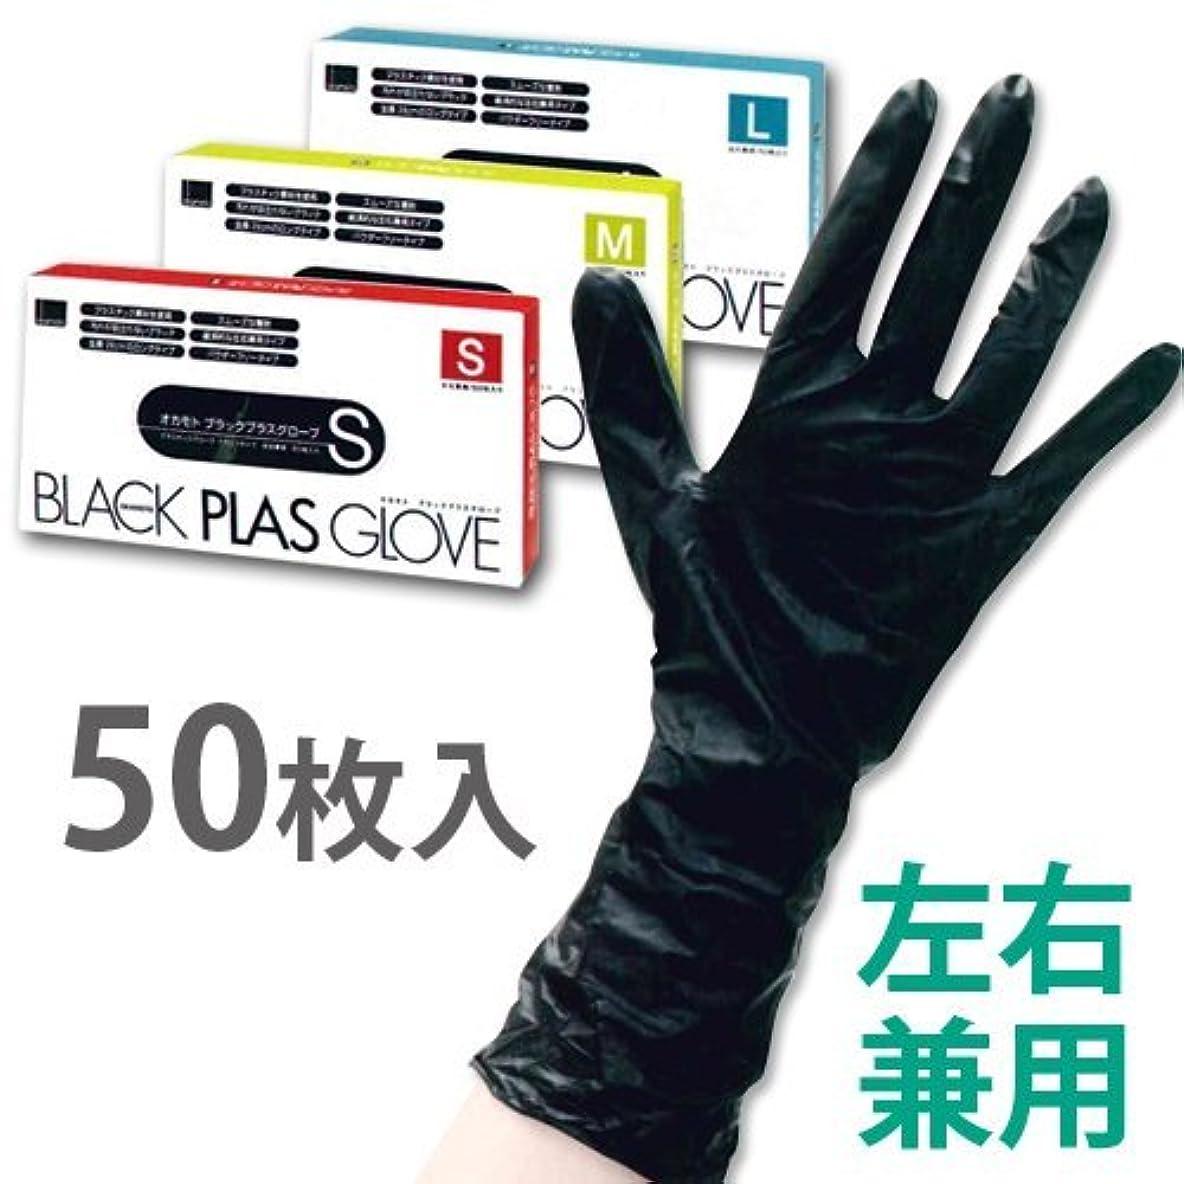 費用巻き戻す蒸留するオカモト ブラックプラスグローブ 左右兼用/50枚入り Lサイズ